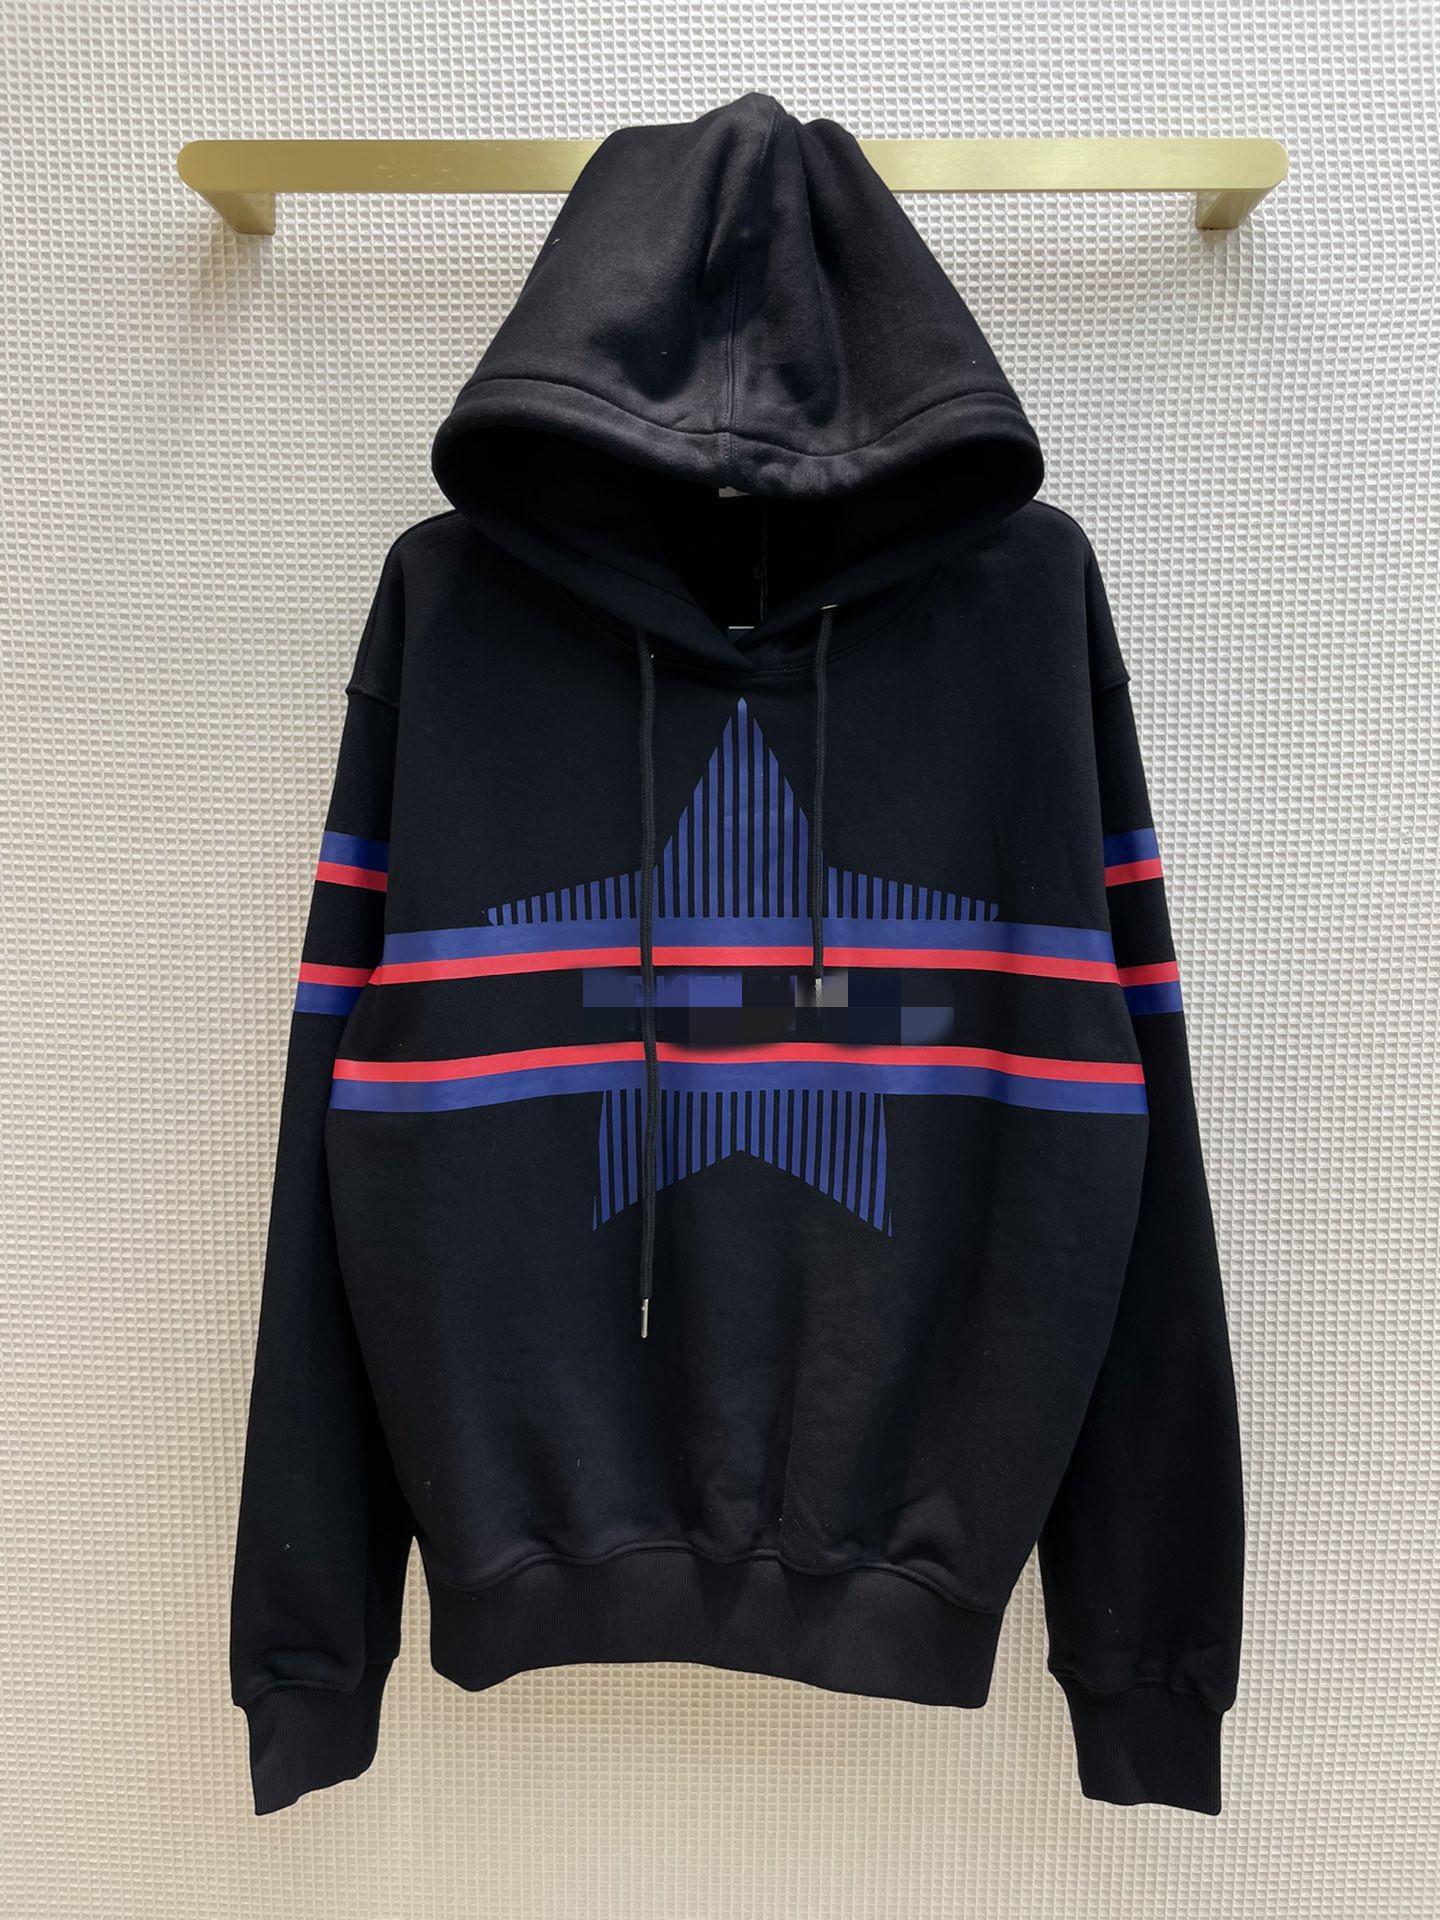 Kadın Hoodies 2021 Sonbahar Kapüşonlu Uzun Kollu Baskı Panelli Tasarımcı Ceket ve Marka Aynı Stil Tişörtü 0918-9